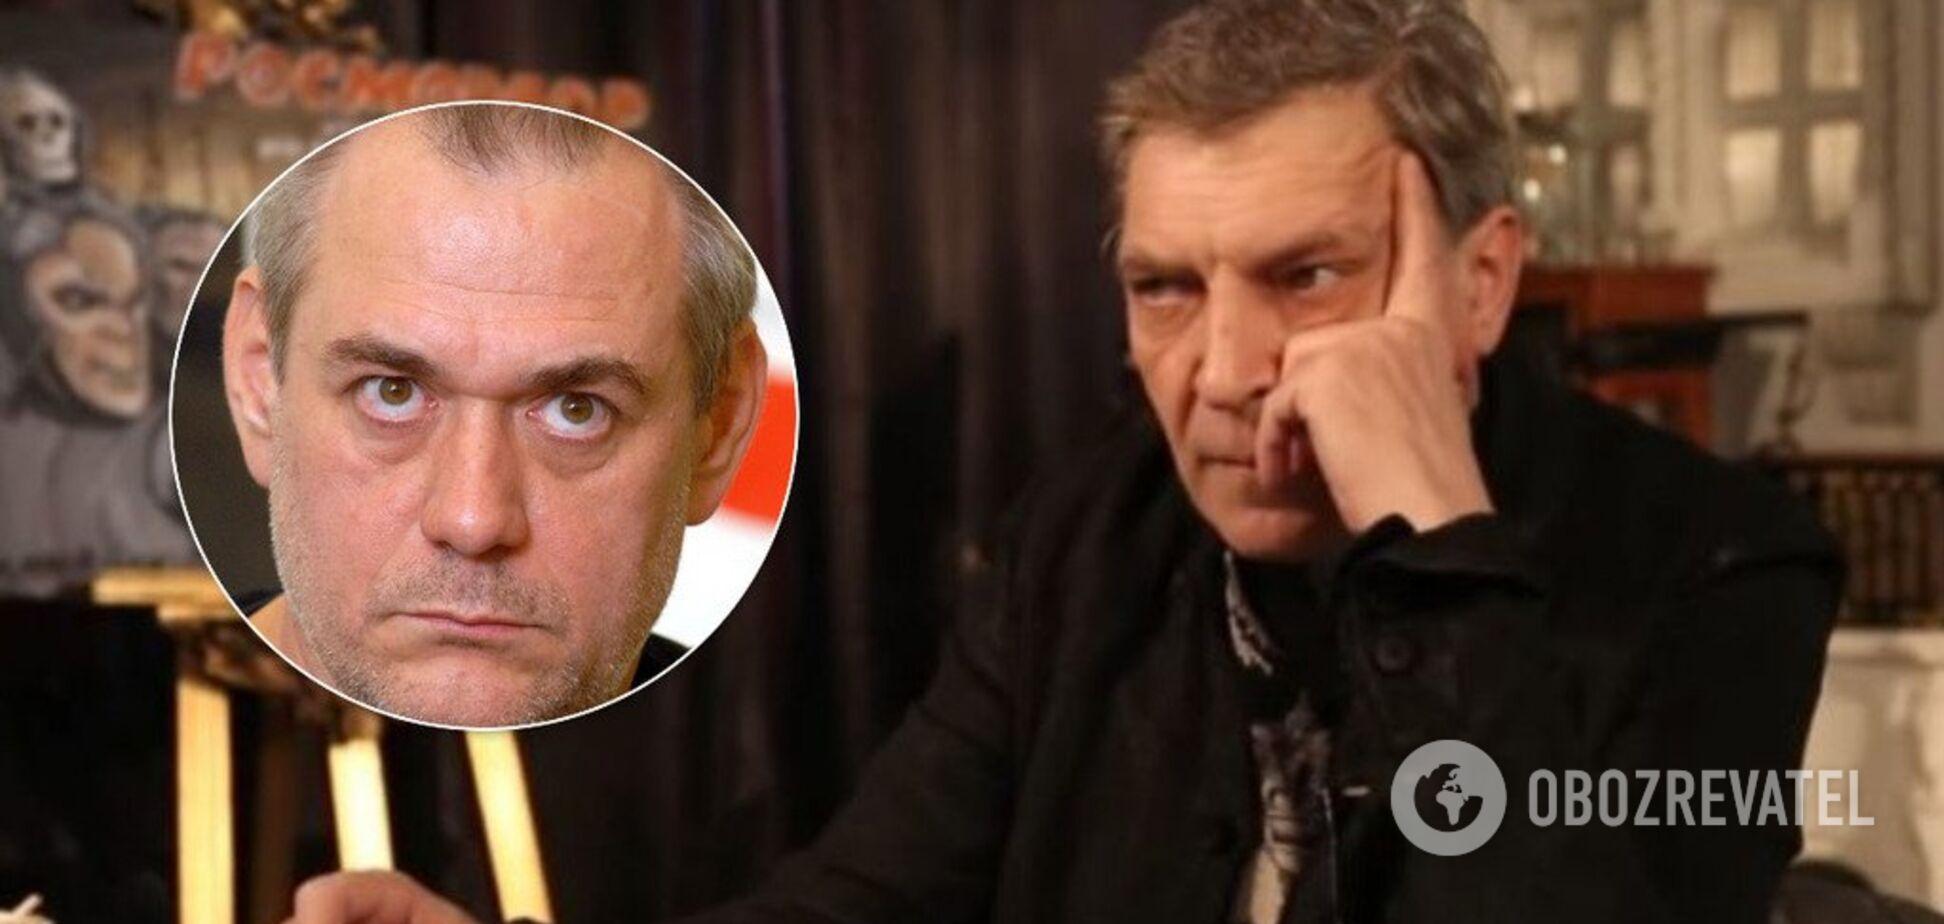 Невзоров позавидовал 'красивой' смерти Доренко